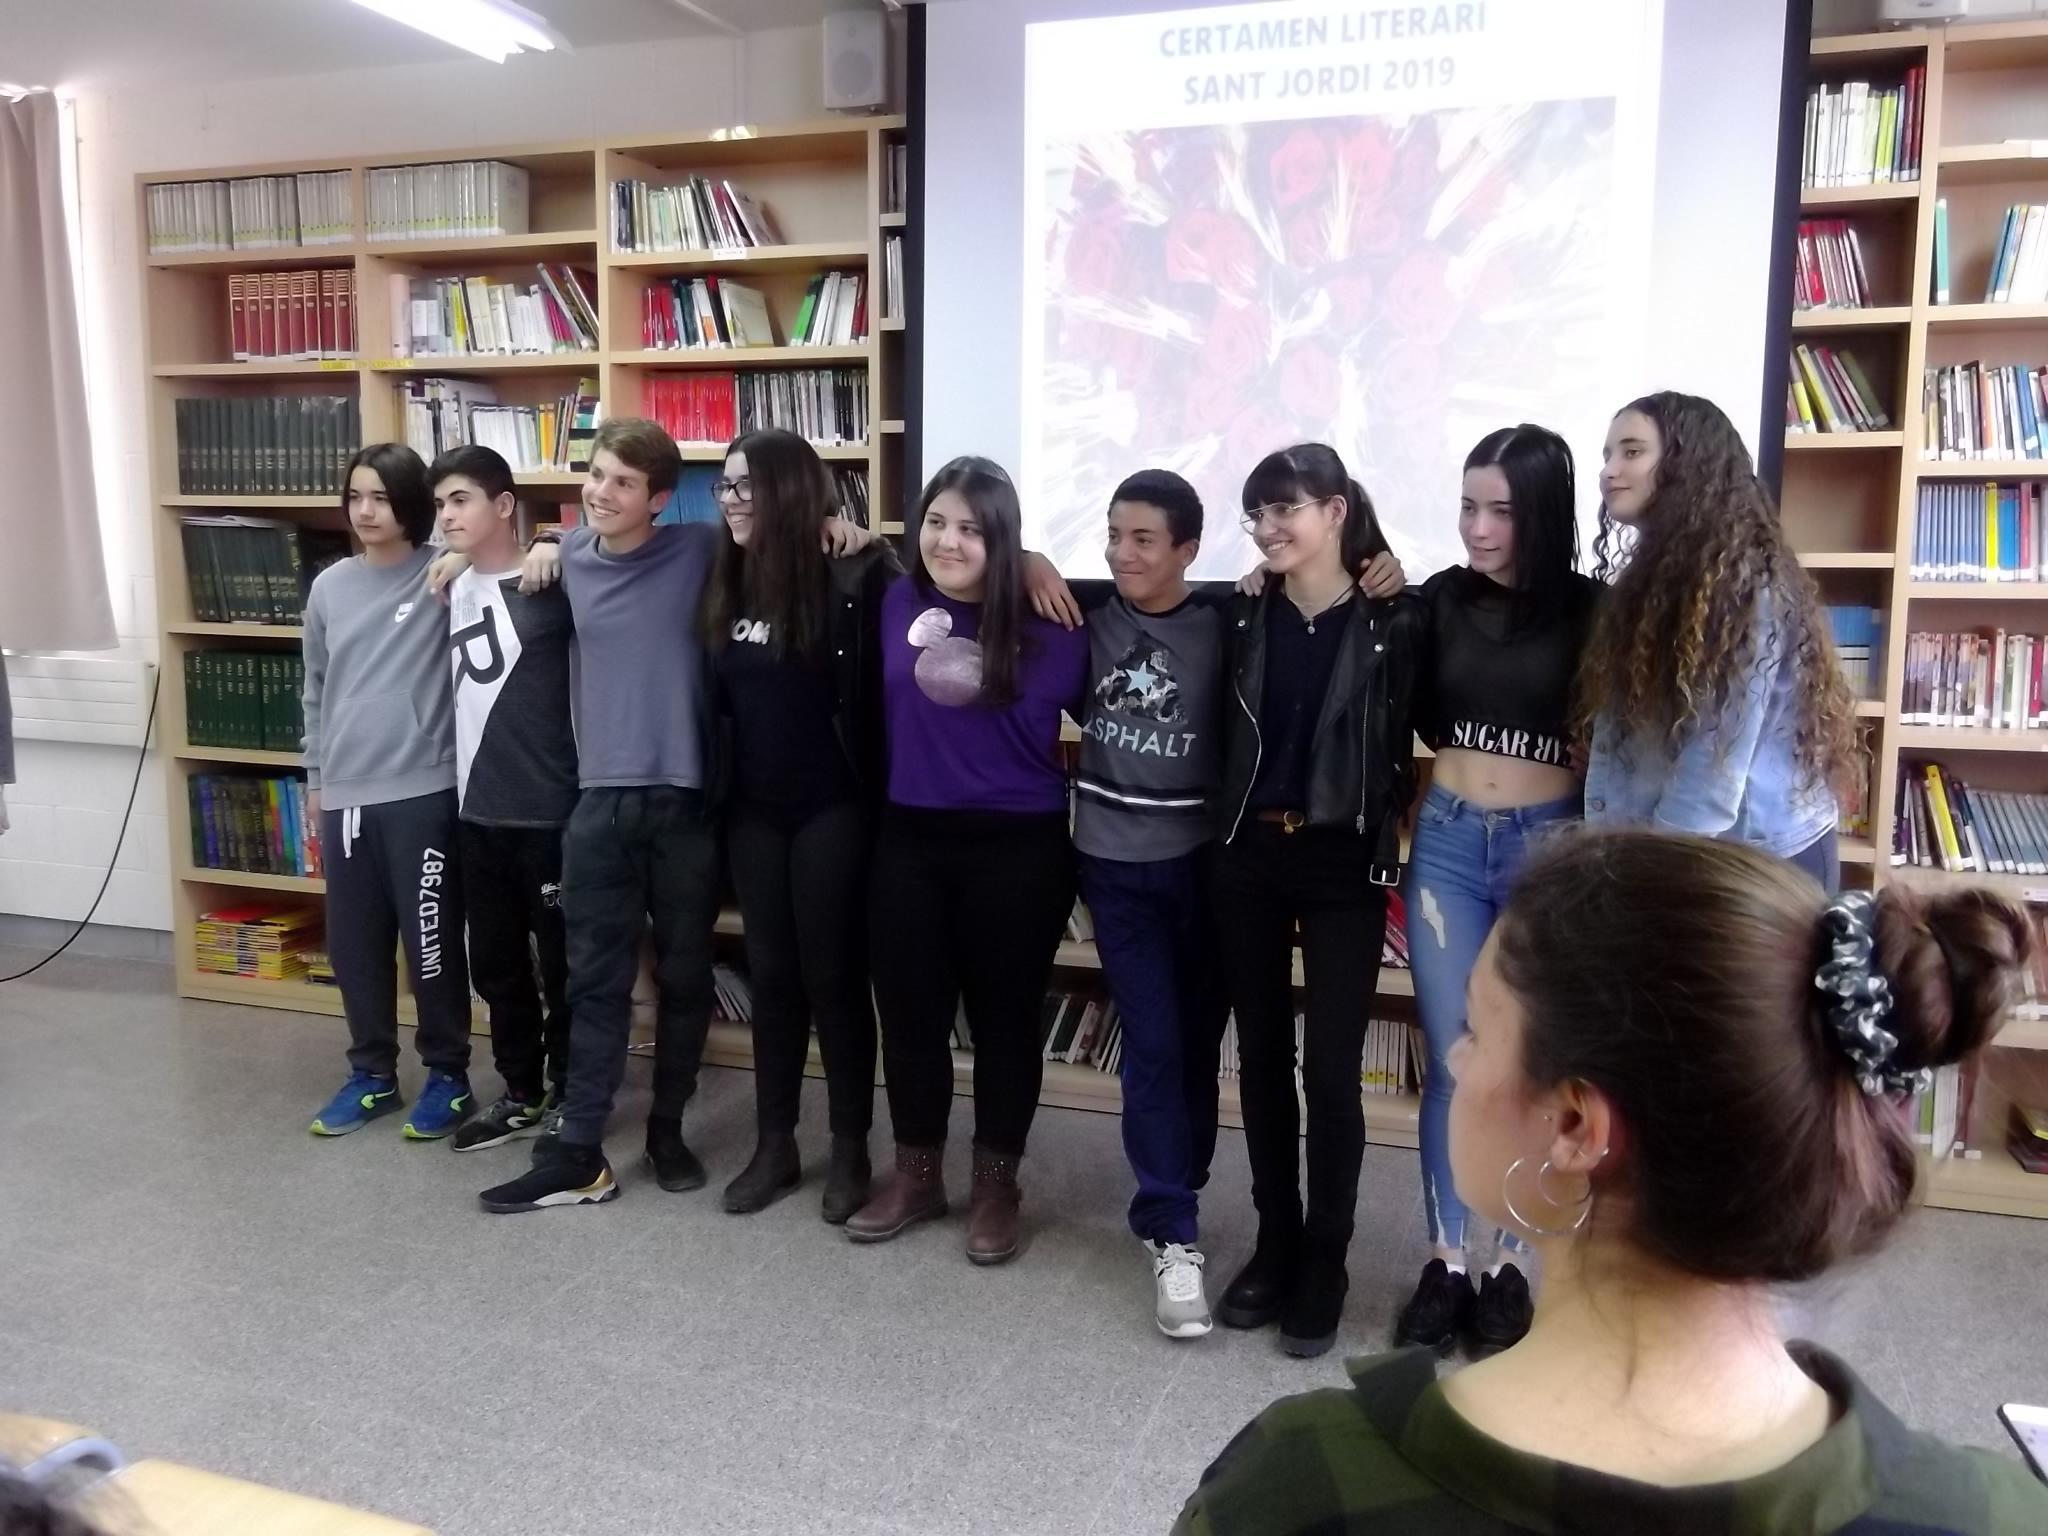 Alumnes que van fer l'acompanyament musical del certamen